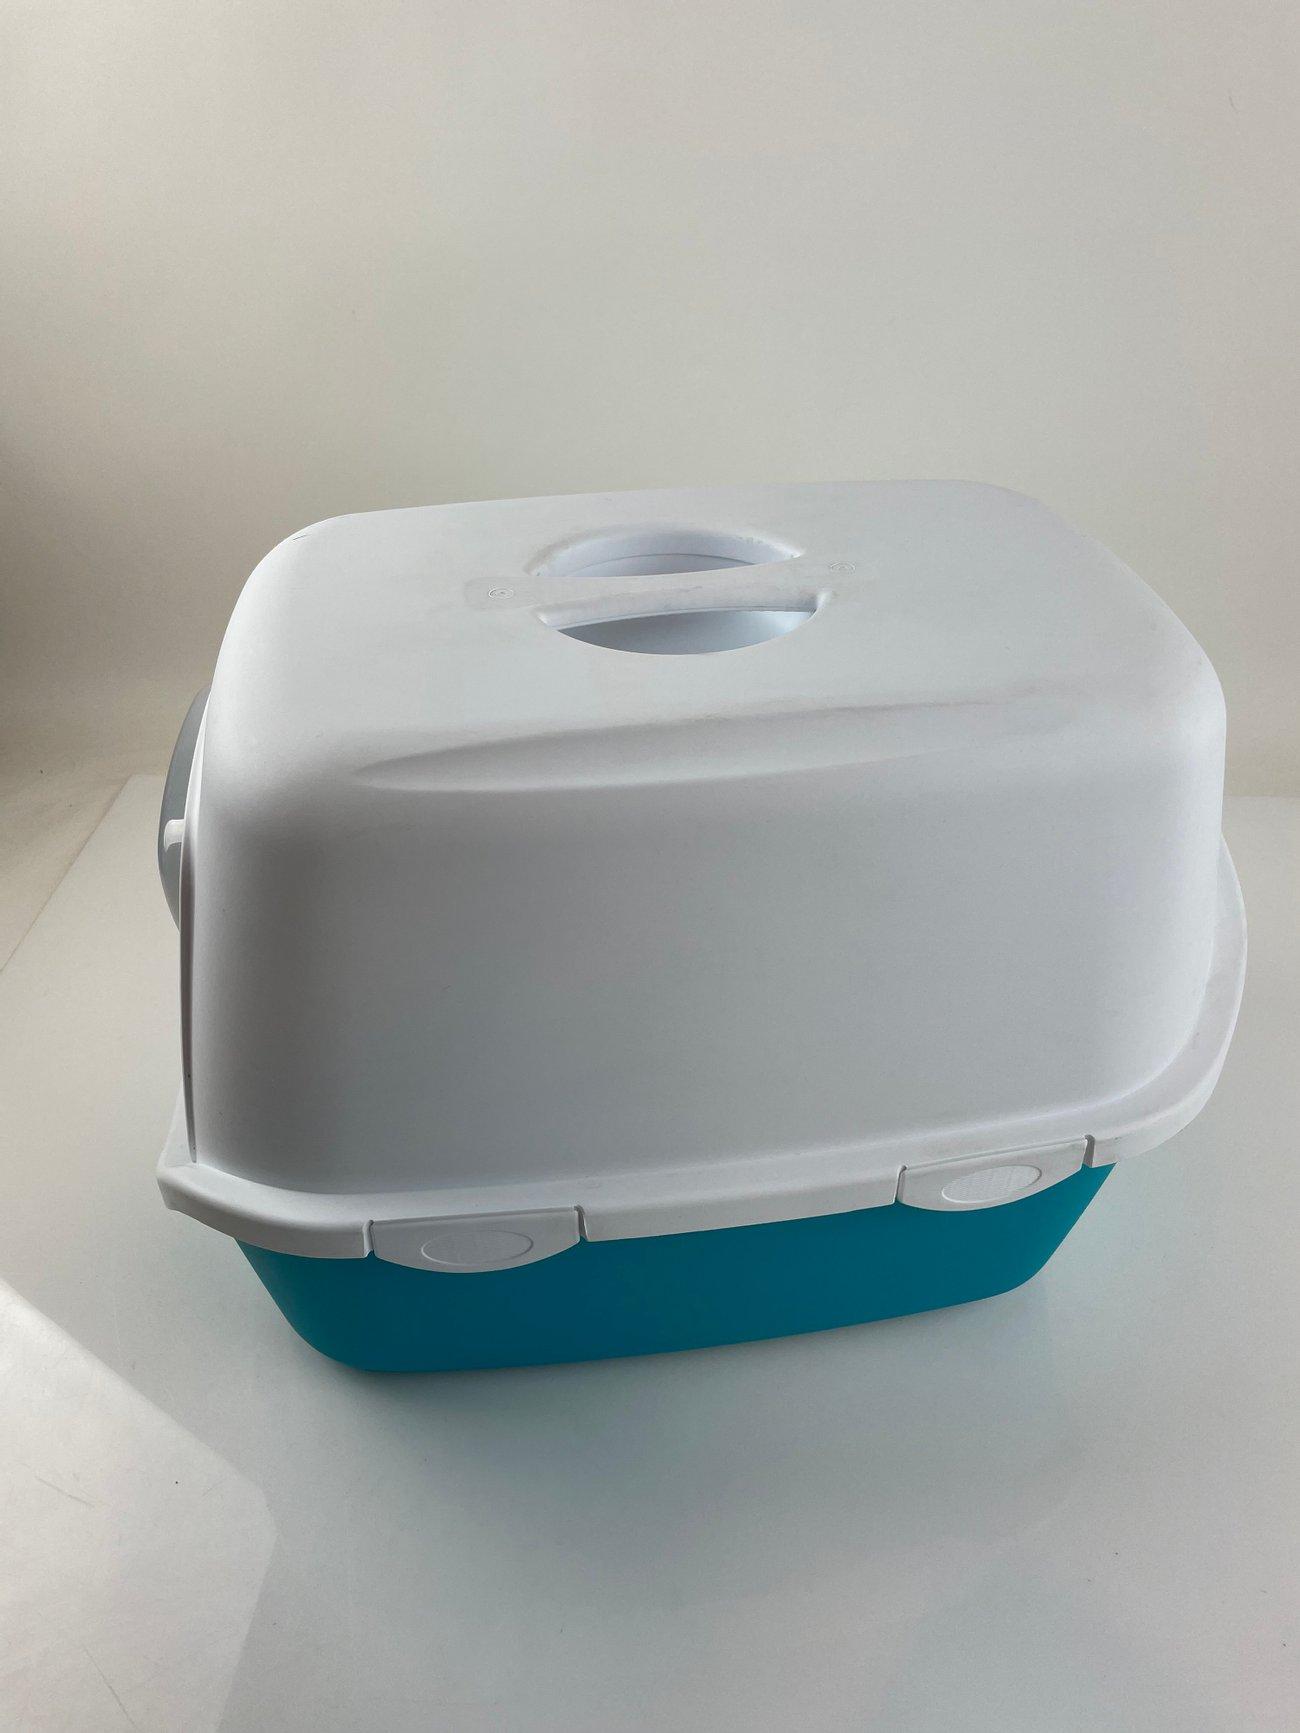 Котешка тоалетна закрита Trixie Vico 40275 Хигиенна кутия за котки